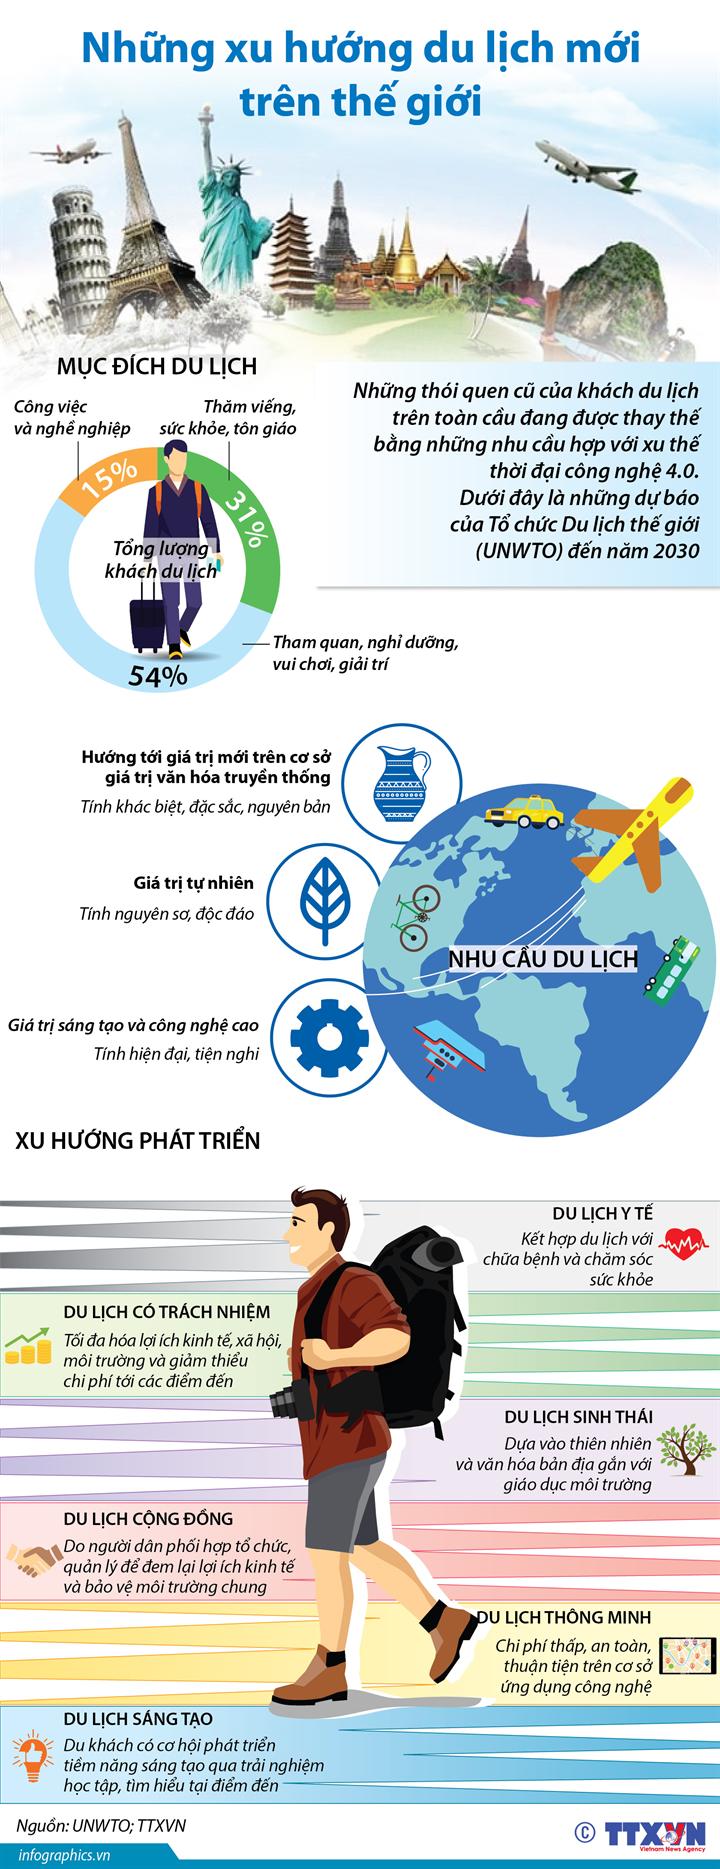 Những xu hướng du lịch mới trên thế giới